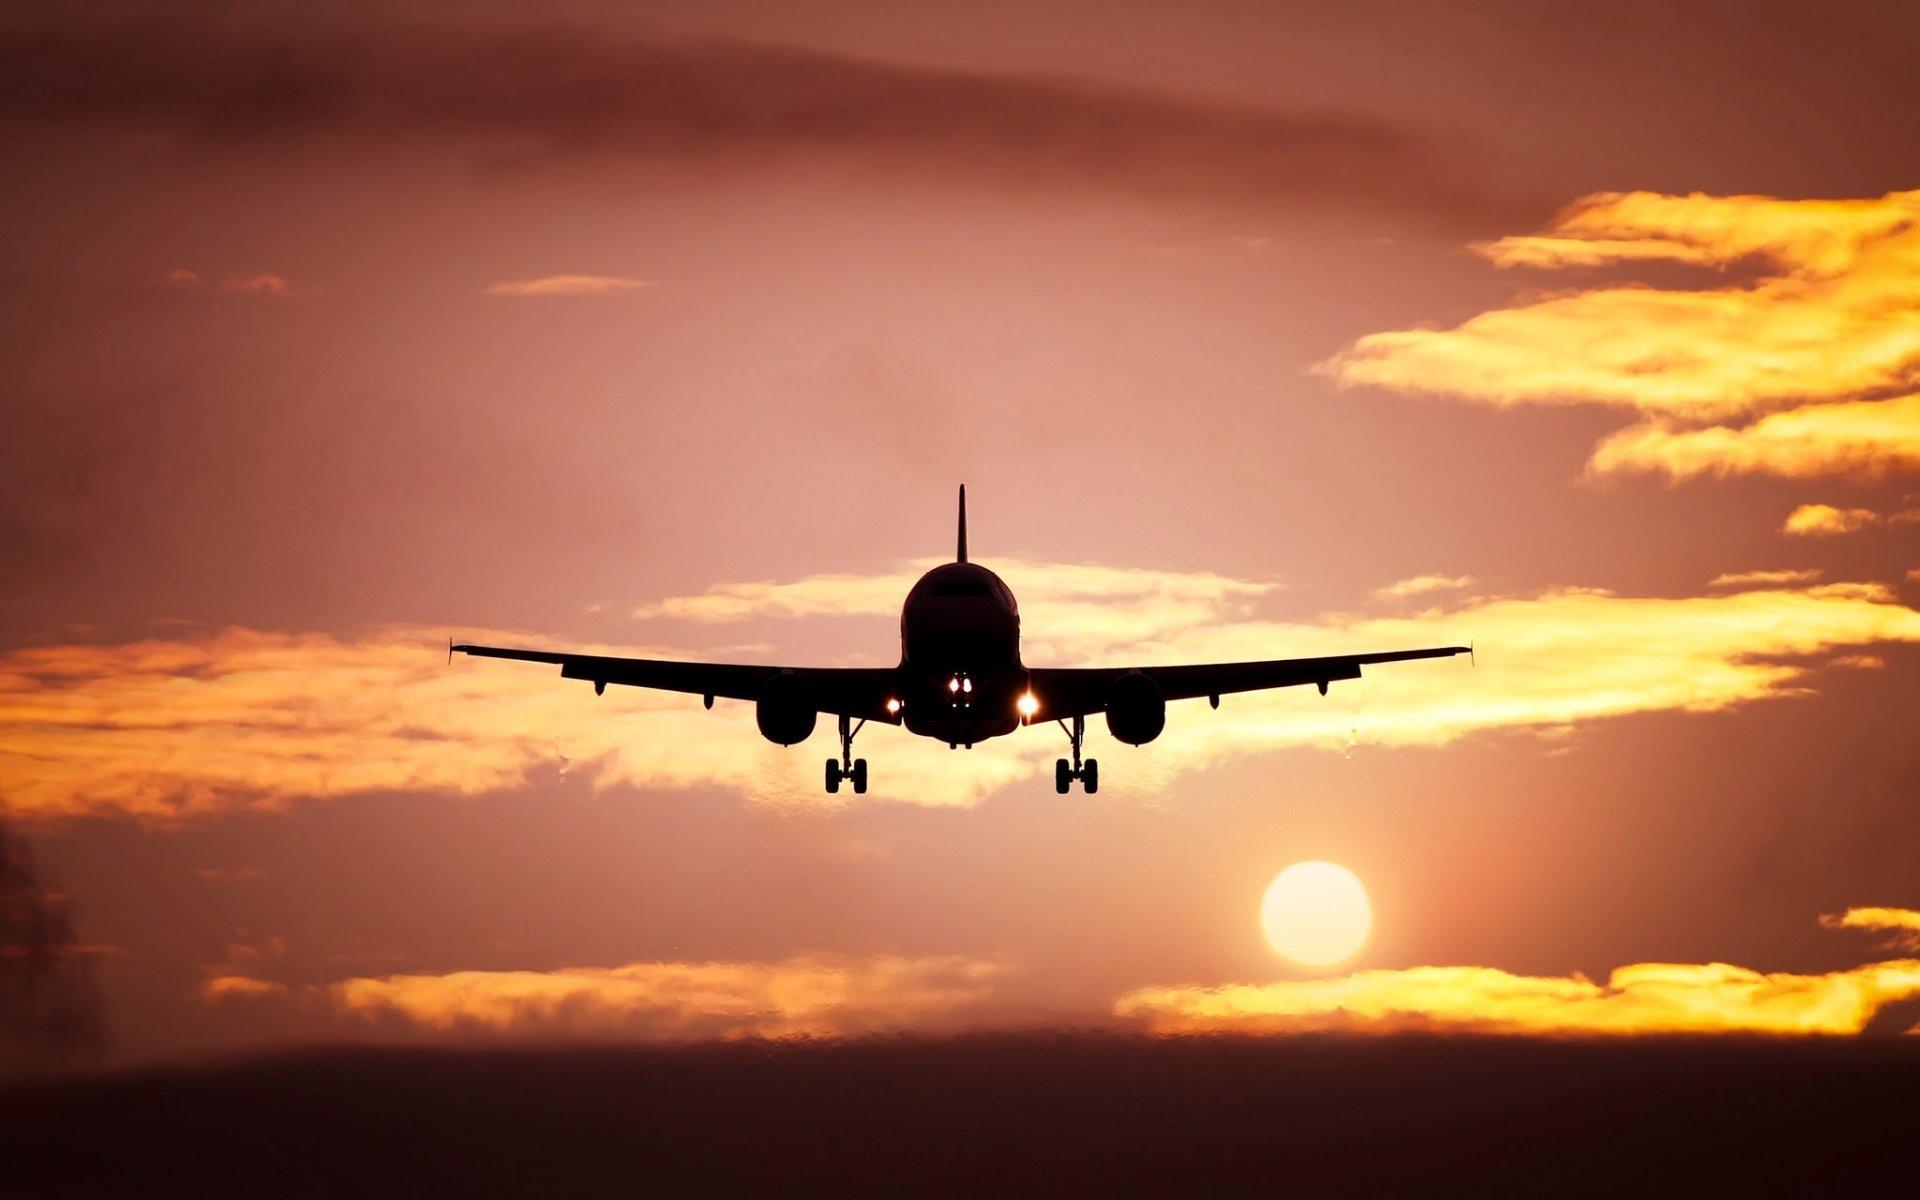 Влетевший изРиги в столицу России самолёт ударила молния